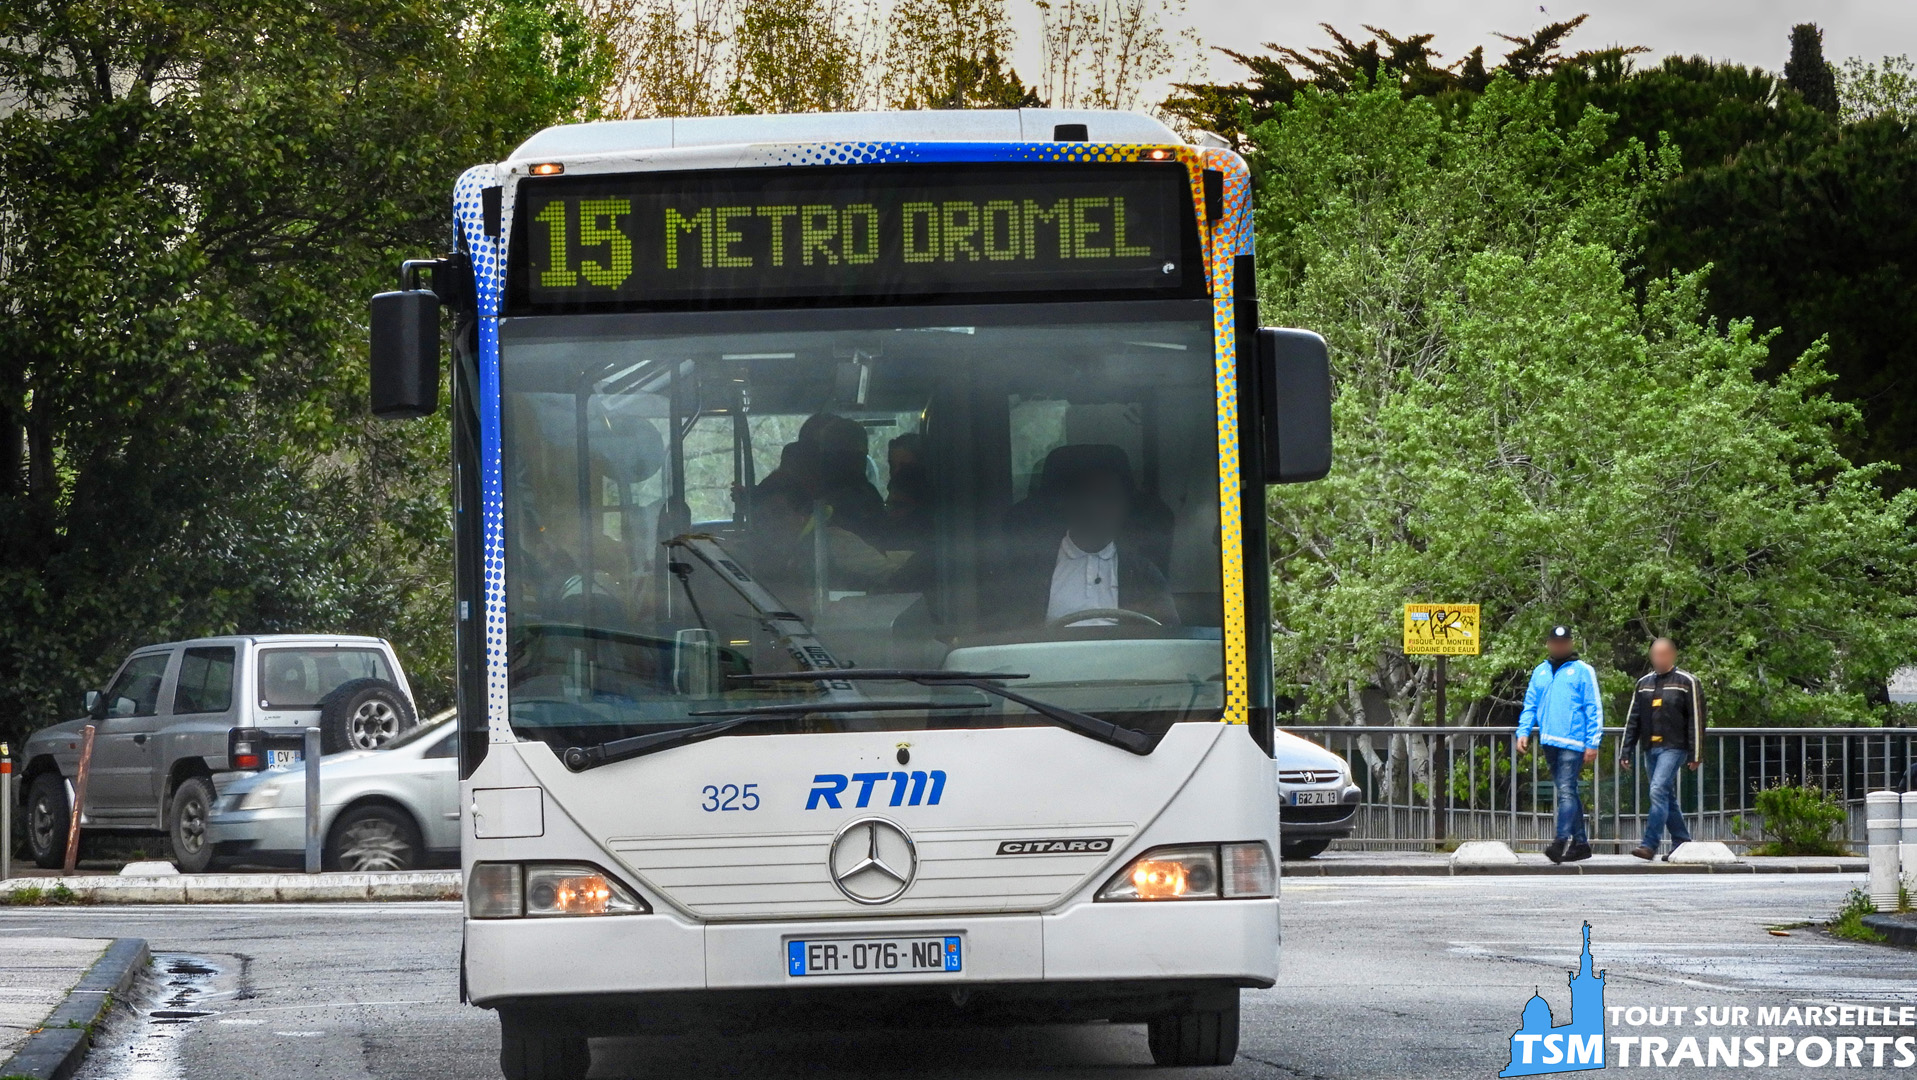 Mercedes Benz Citaro 1 RTM n°325 en livrée Fusion à la gare d'échange du Métro Sainte Marguerite Dromel